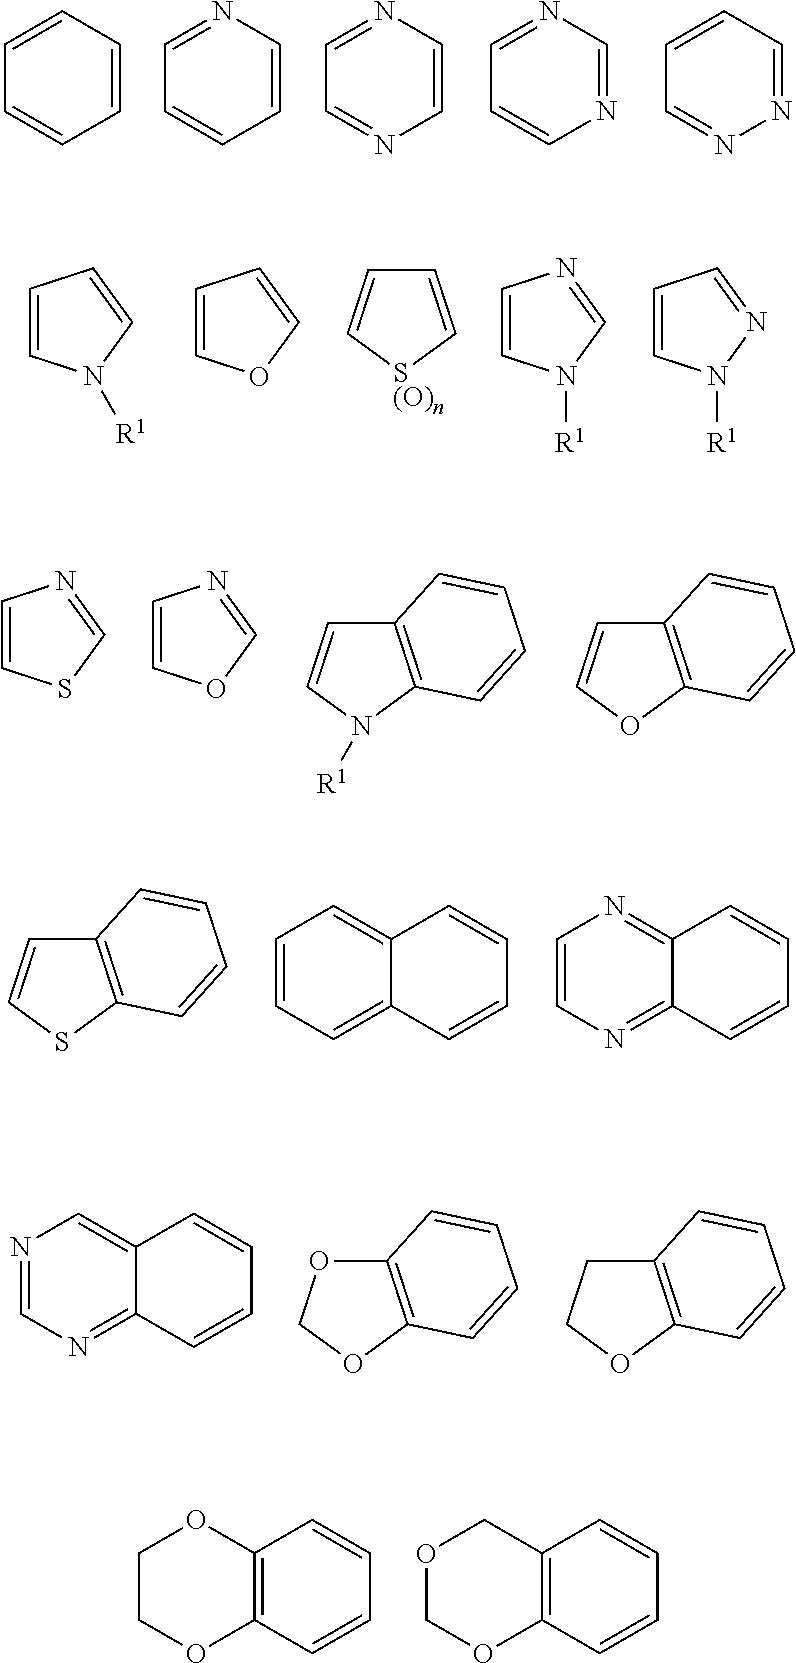 Figure US09475801-20161025-C00004